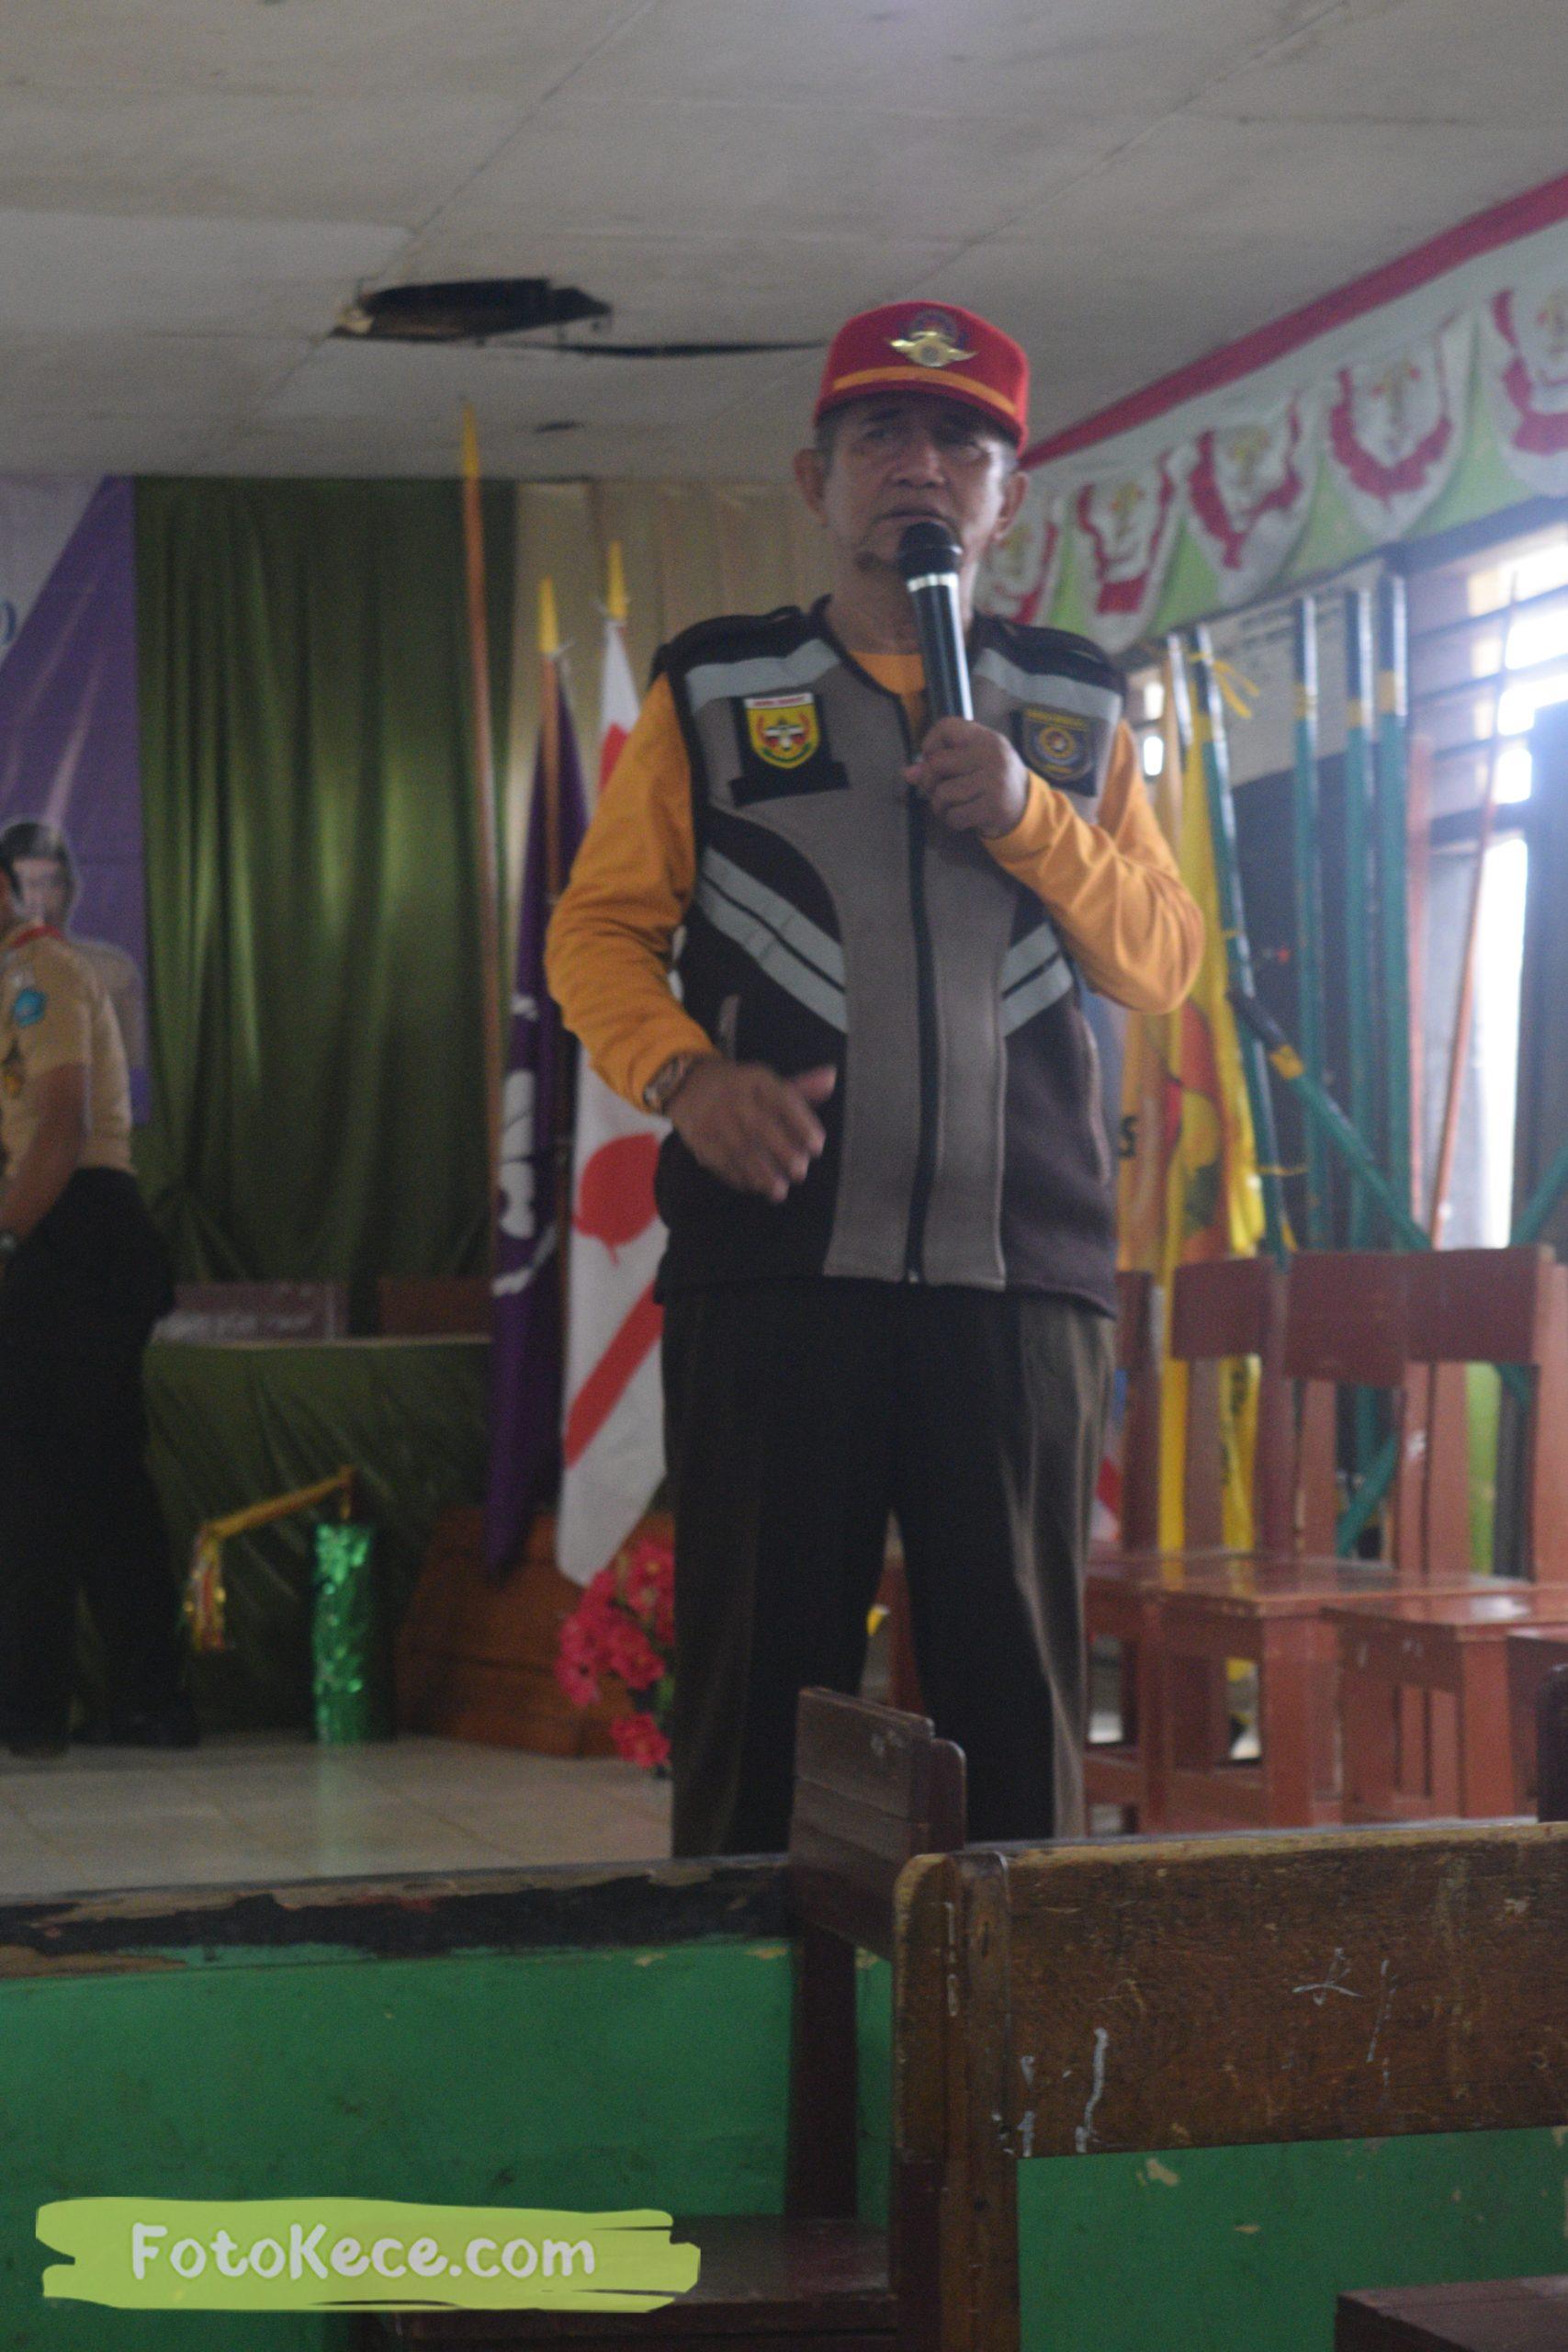 indoor kursus pembina mahir tingkat dasar kmd kwartir ranting surade 2019 fotokece Des 2019 44 scaled